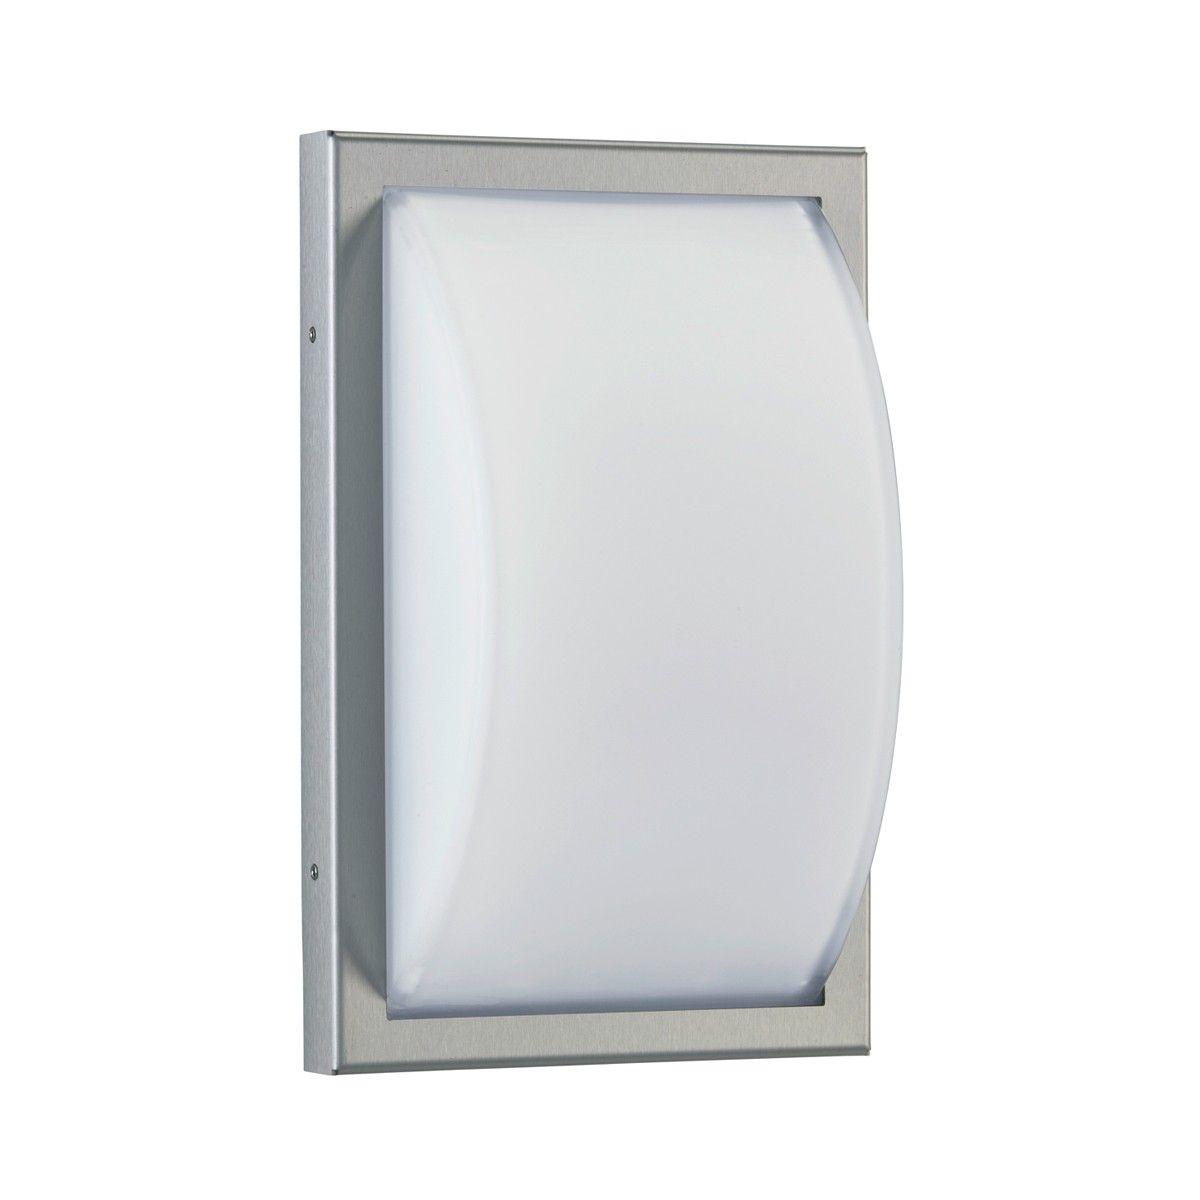 LED Fluter 10 Watt mit Bewegungsmelder Lampe Leuchte IP65 Außenlampe Gartenlampe